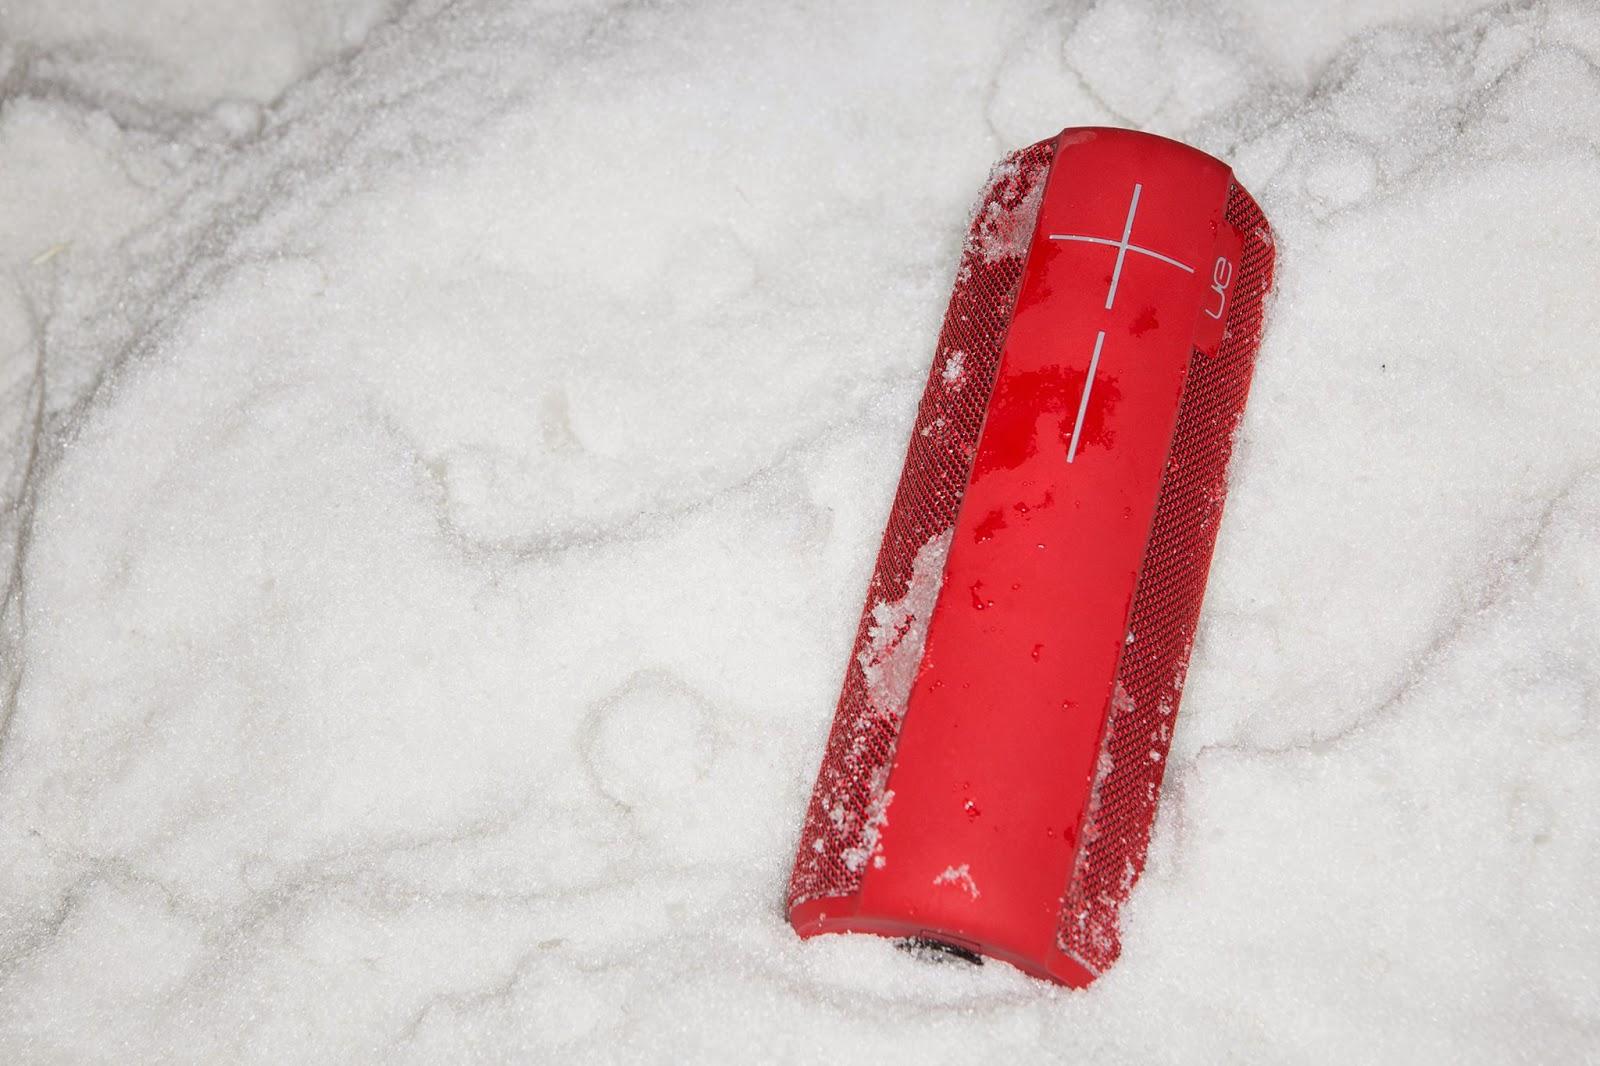 UE Megaboom on snow